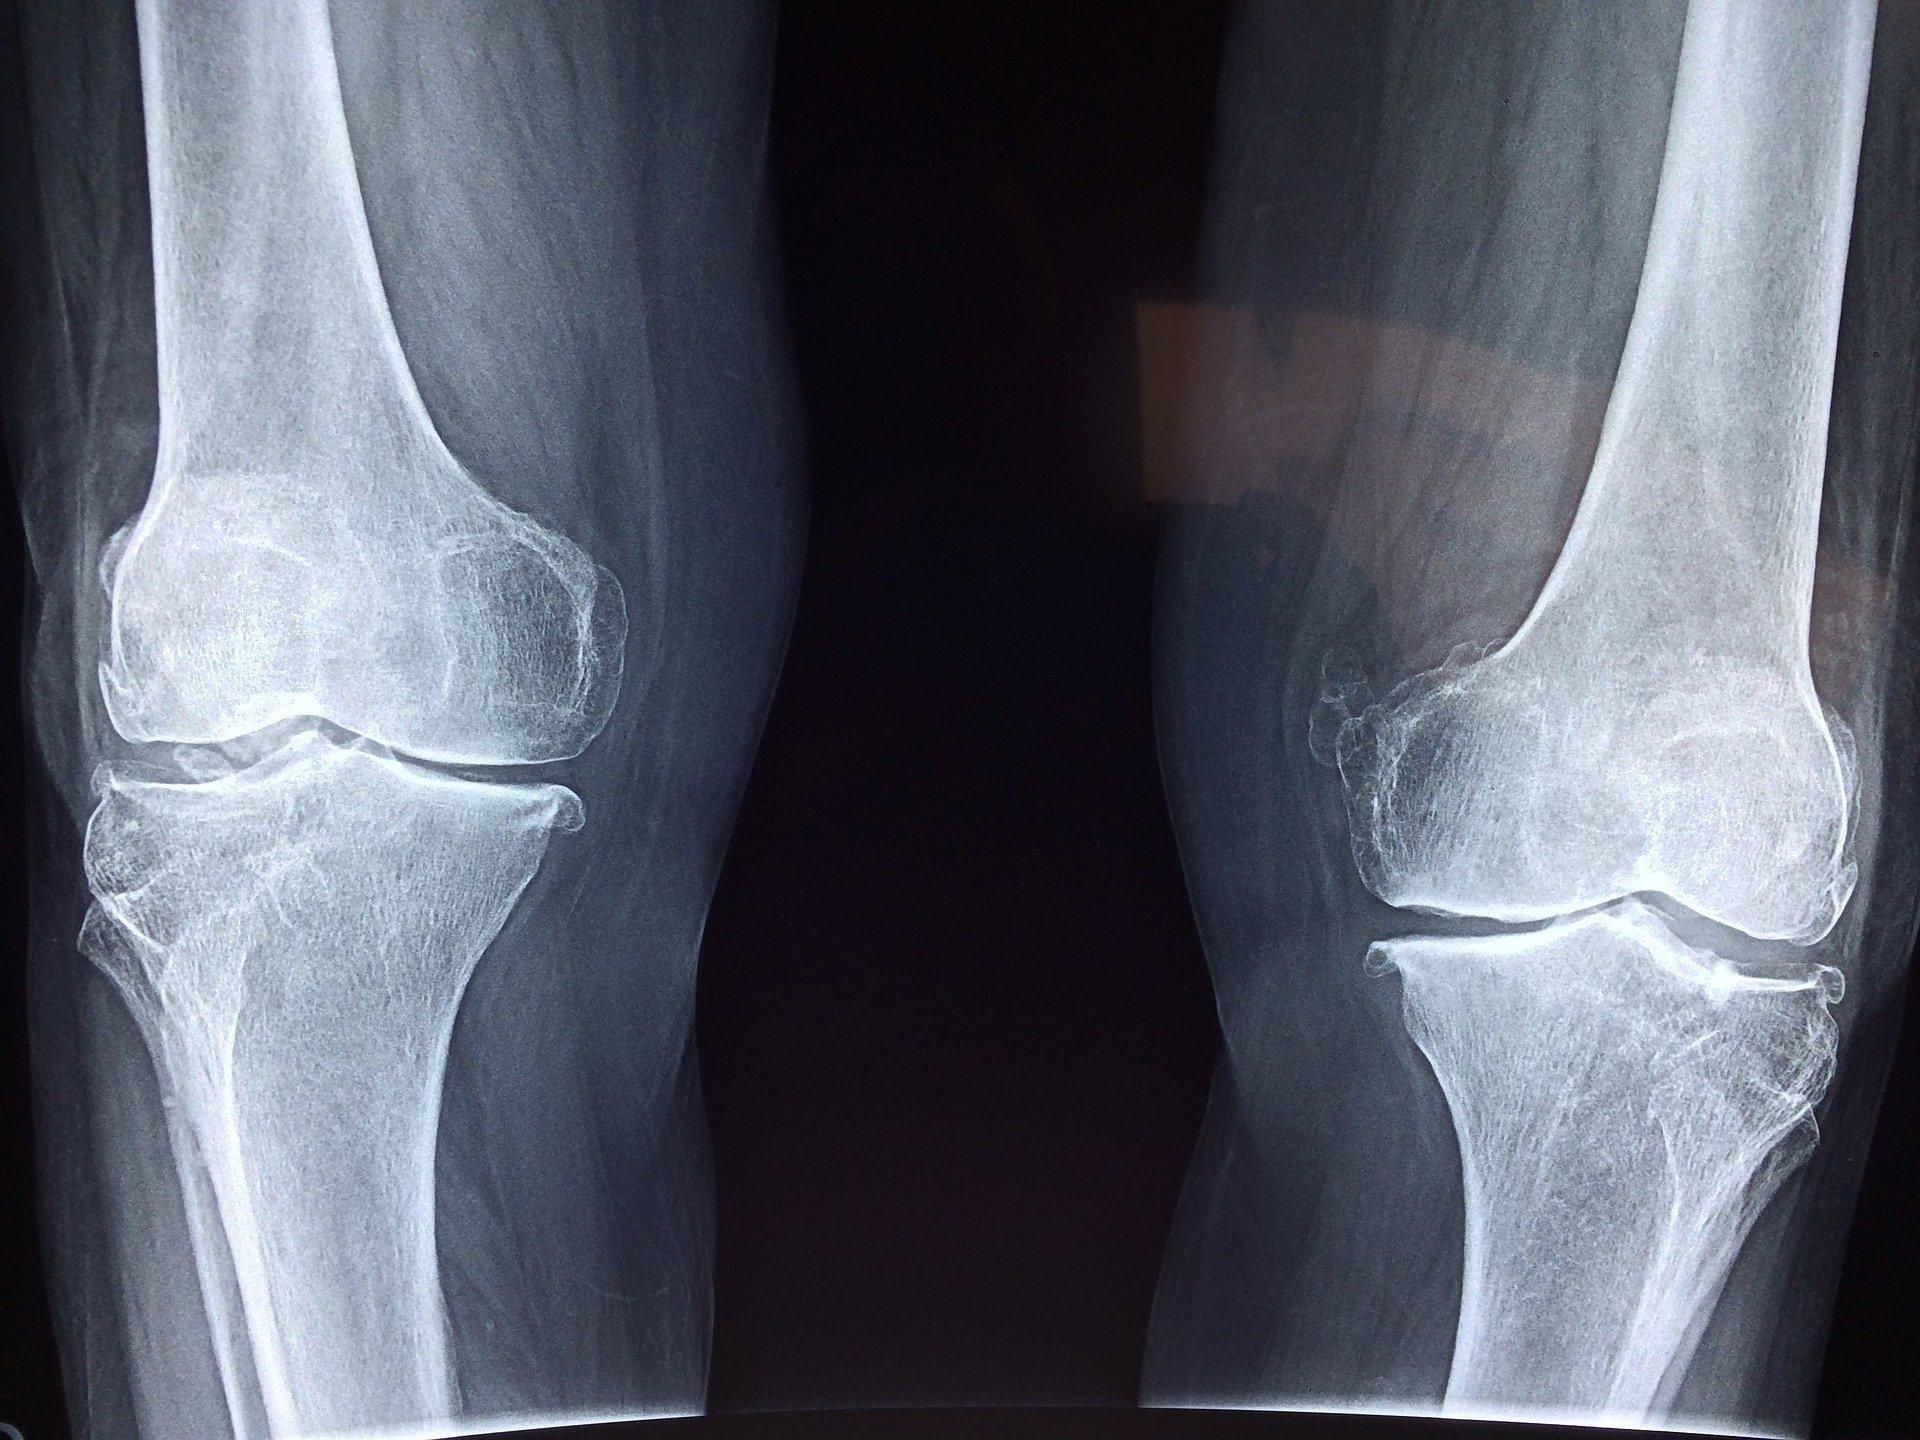 X-ray image of bones.